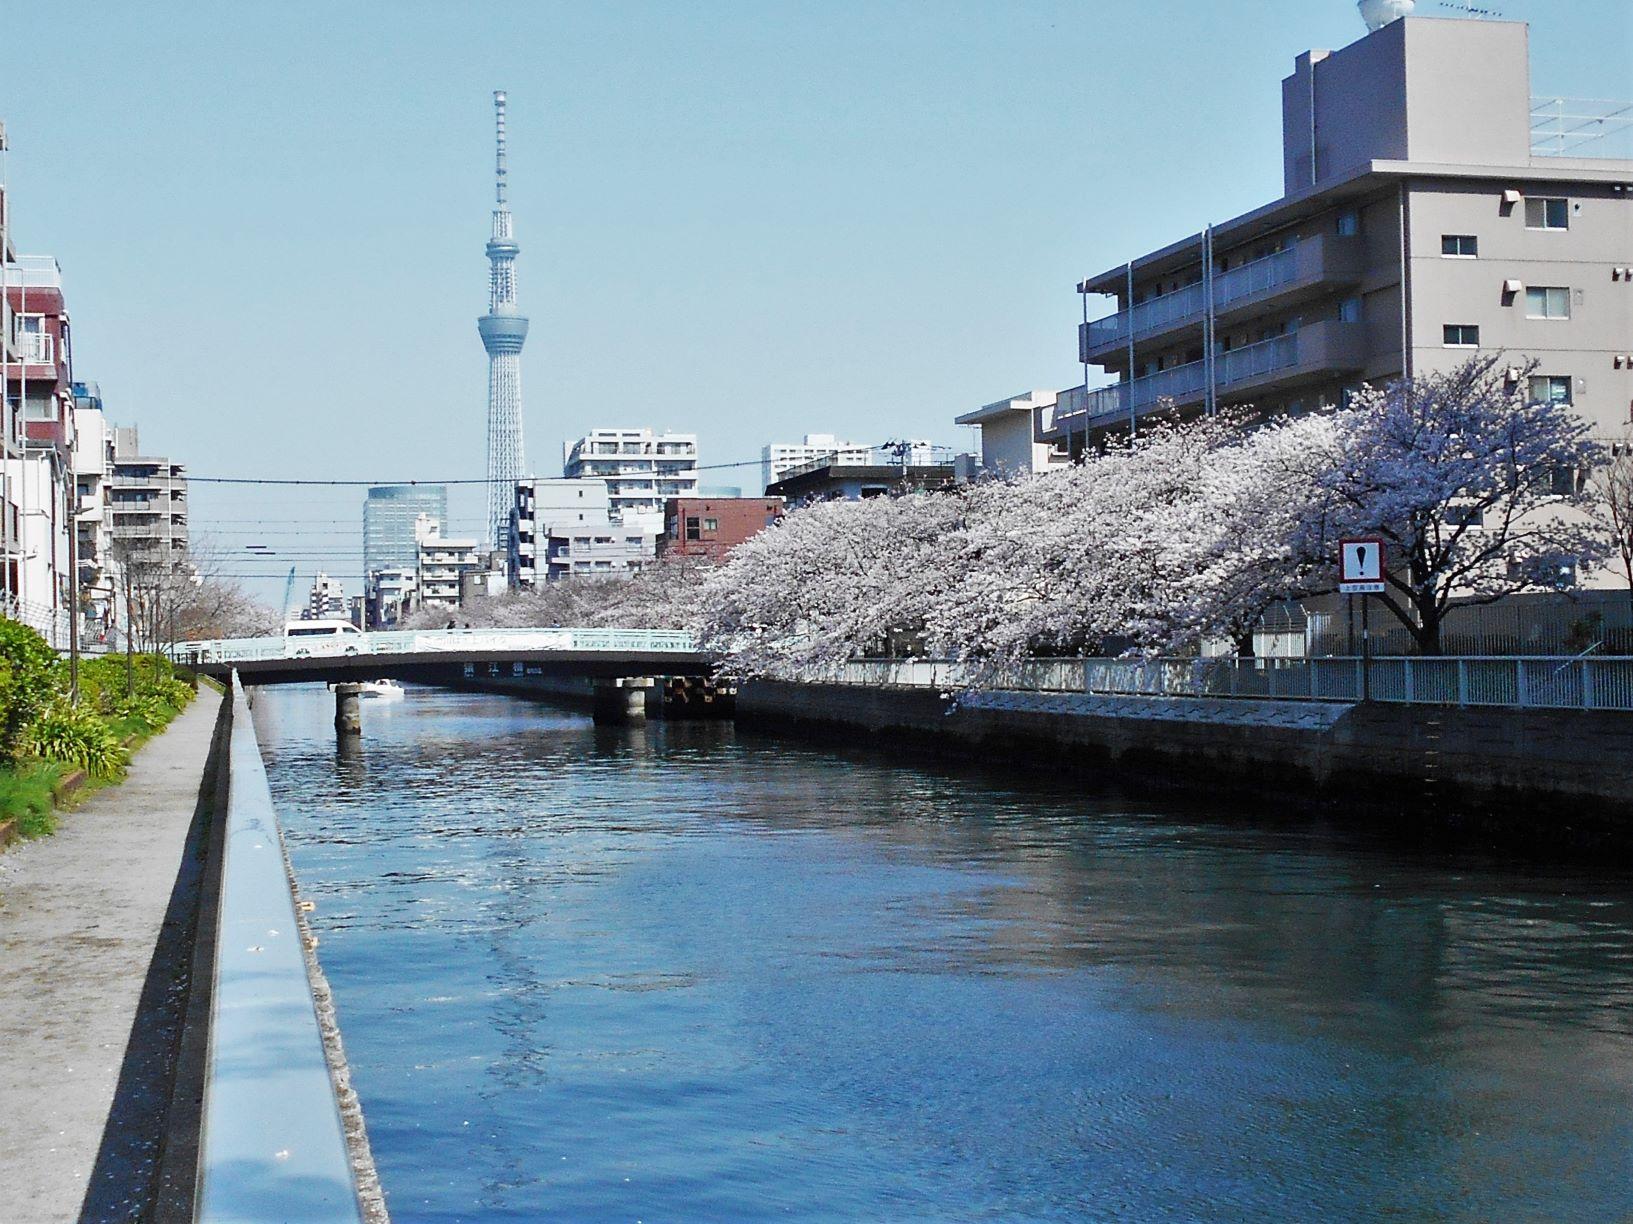 大横川に架かる猿江橋と東京スカイツリーの画像。